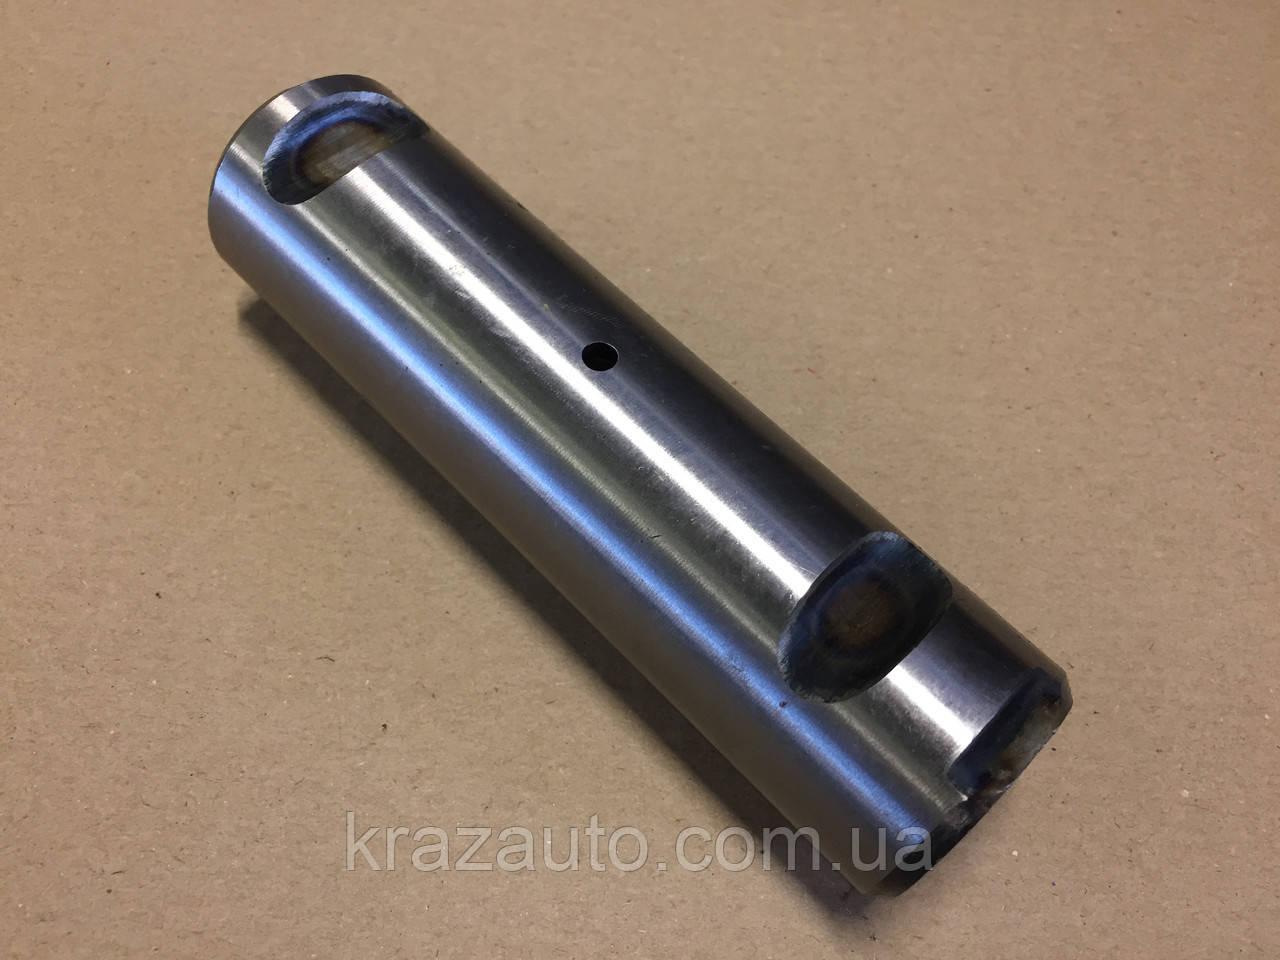 Палец ушка передней рессоры КАМАЗ передней 5320-2902478-01